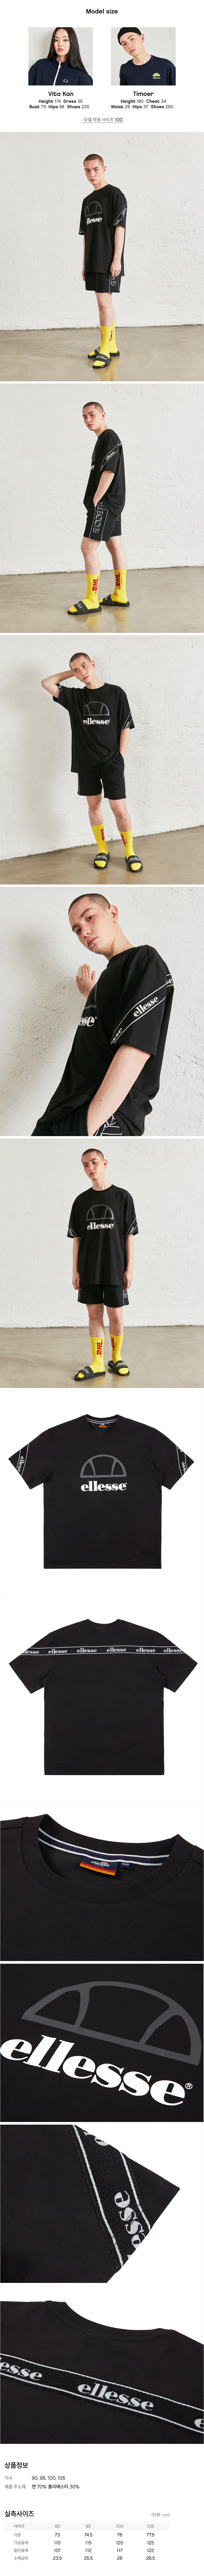 엘레쎄(ELLESSE) 빅 로고 테이프 포인트 티셔츠(블랙)EJ2UHTR347